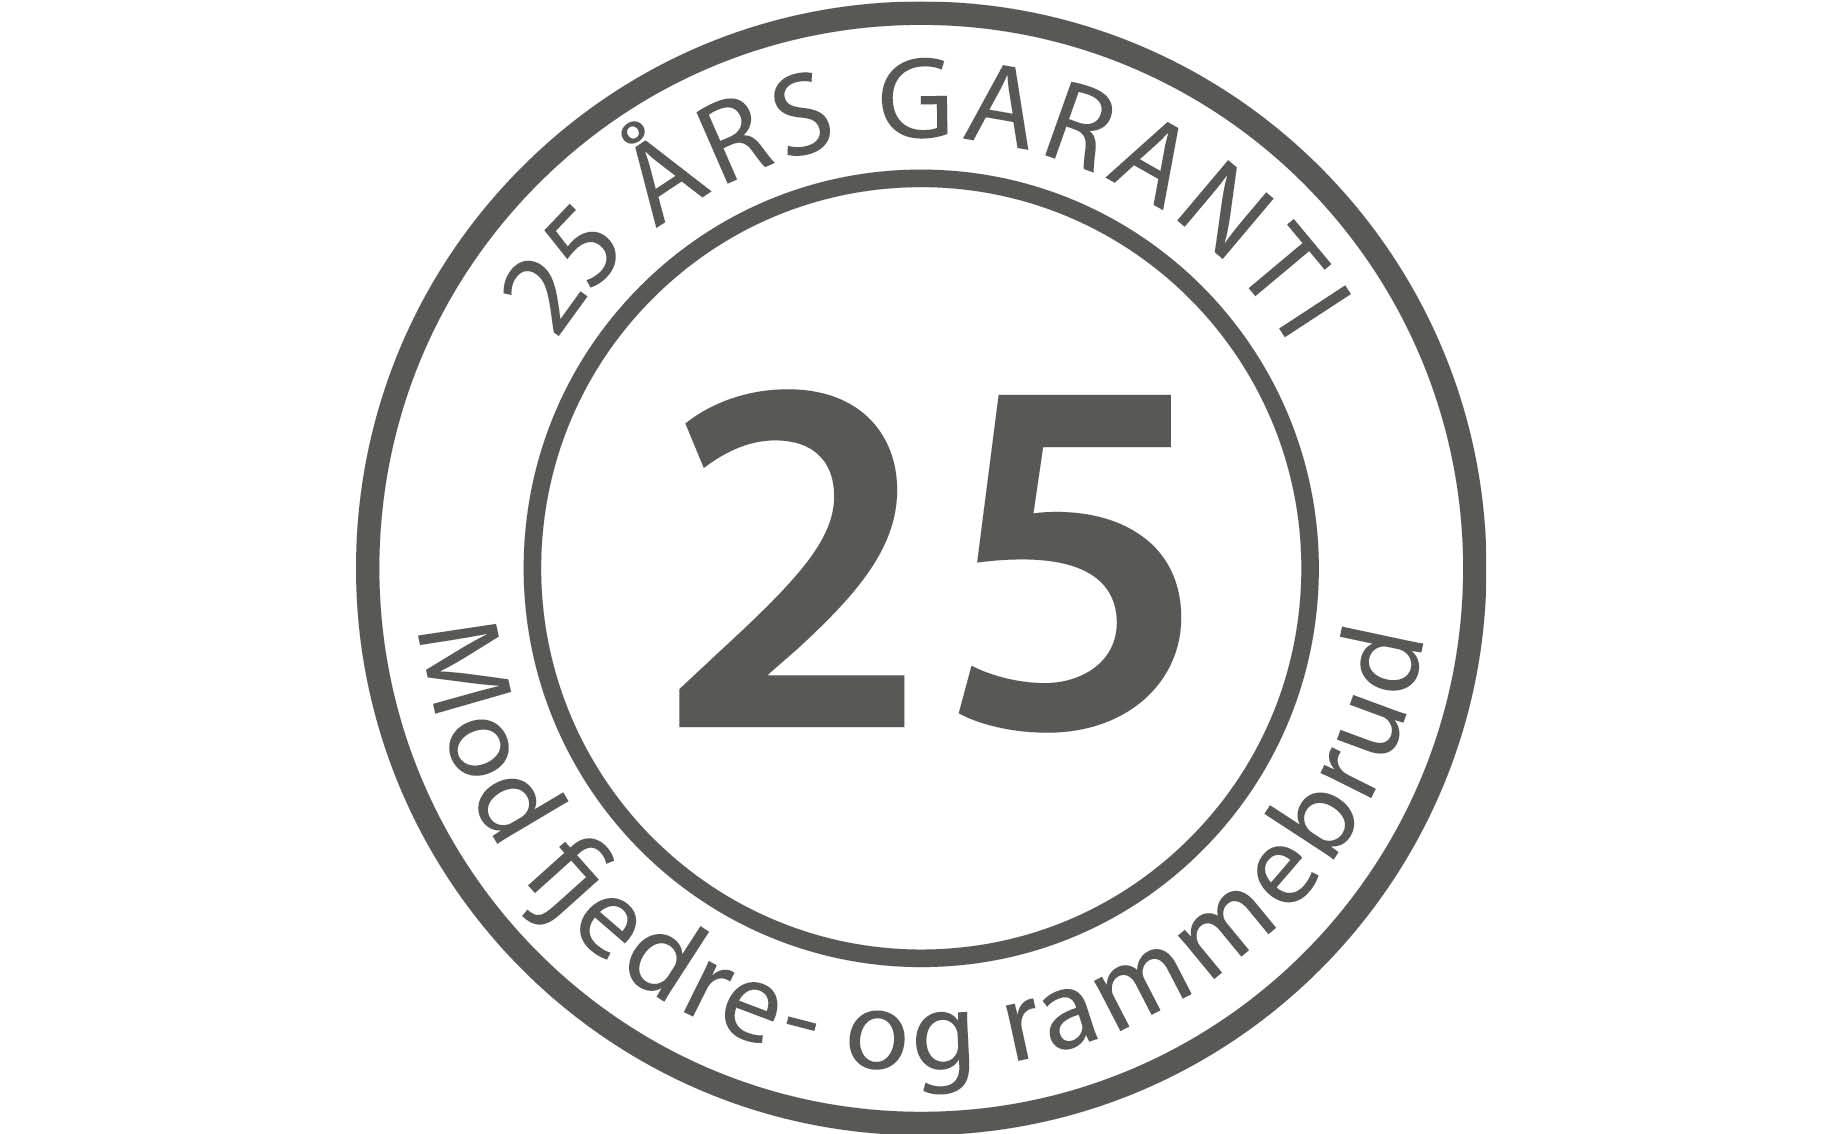 Wonderland: 25 års garanti